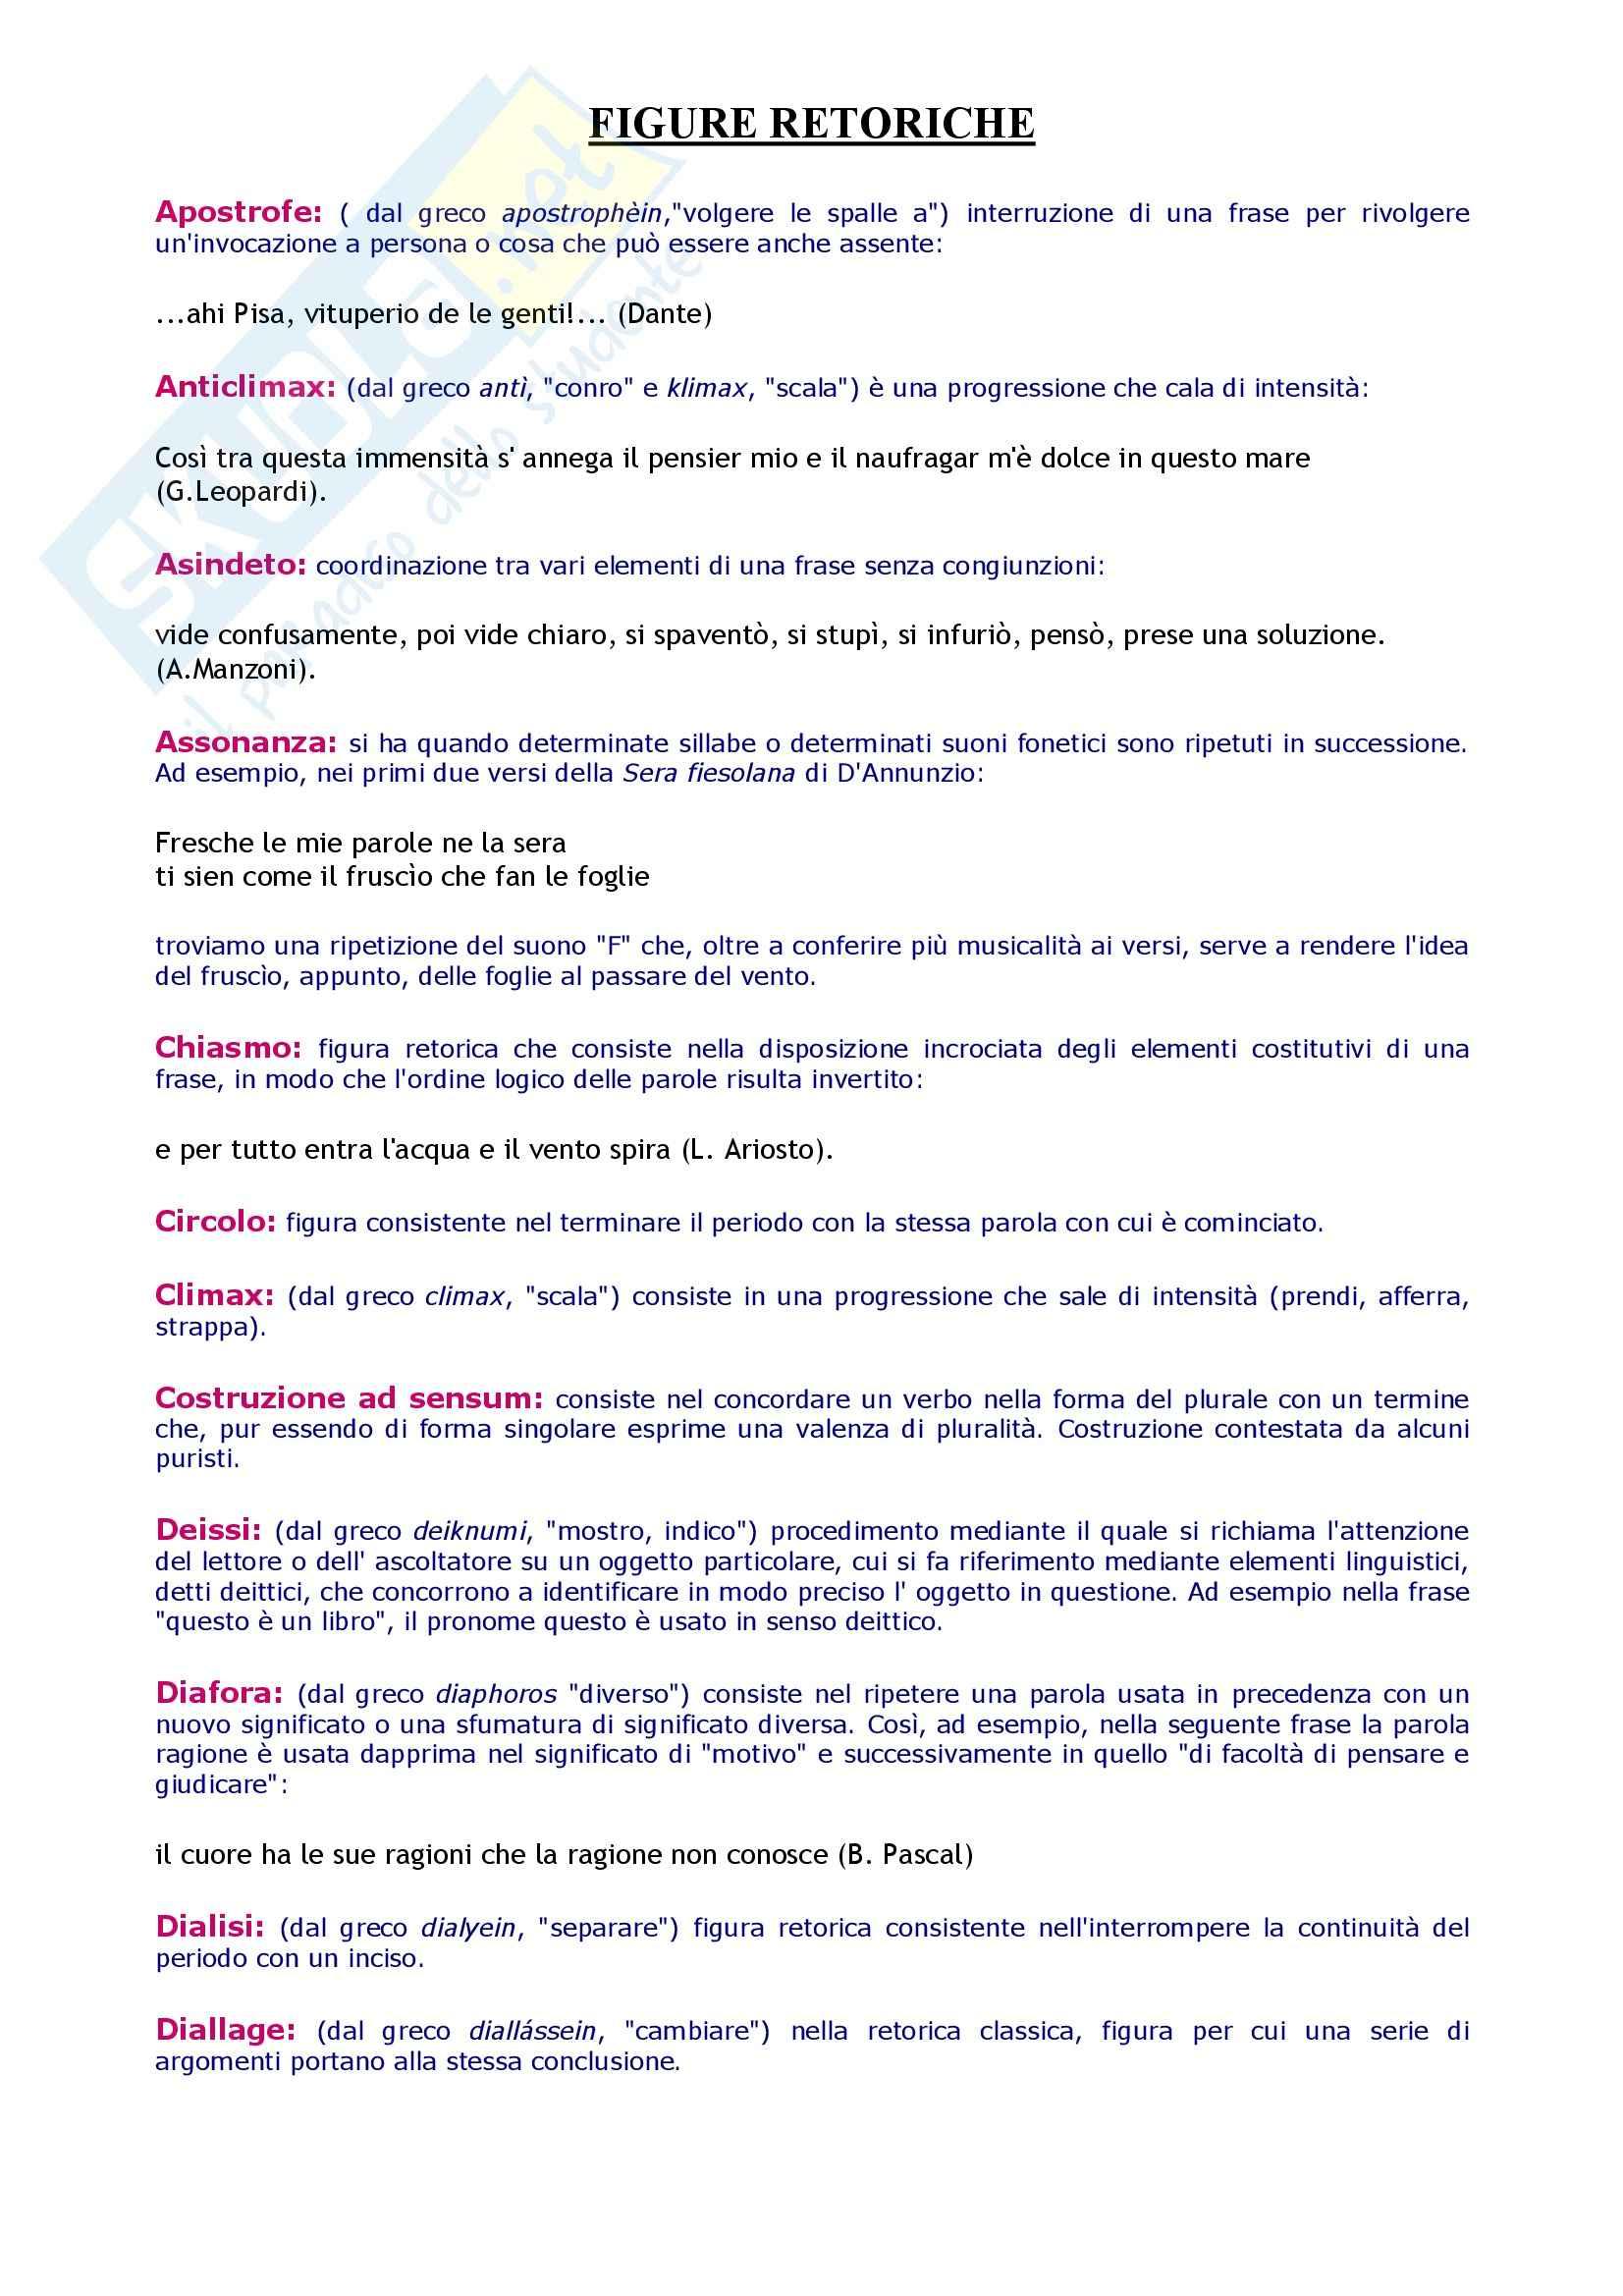 Tecniche espressive e composizione testi in italiano - dizionario figure retoriche Pag. 2